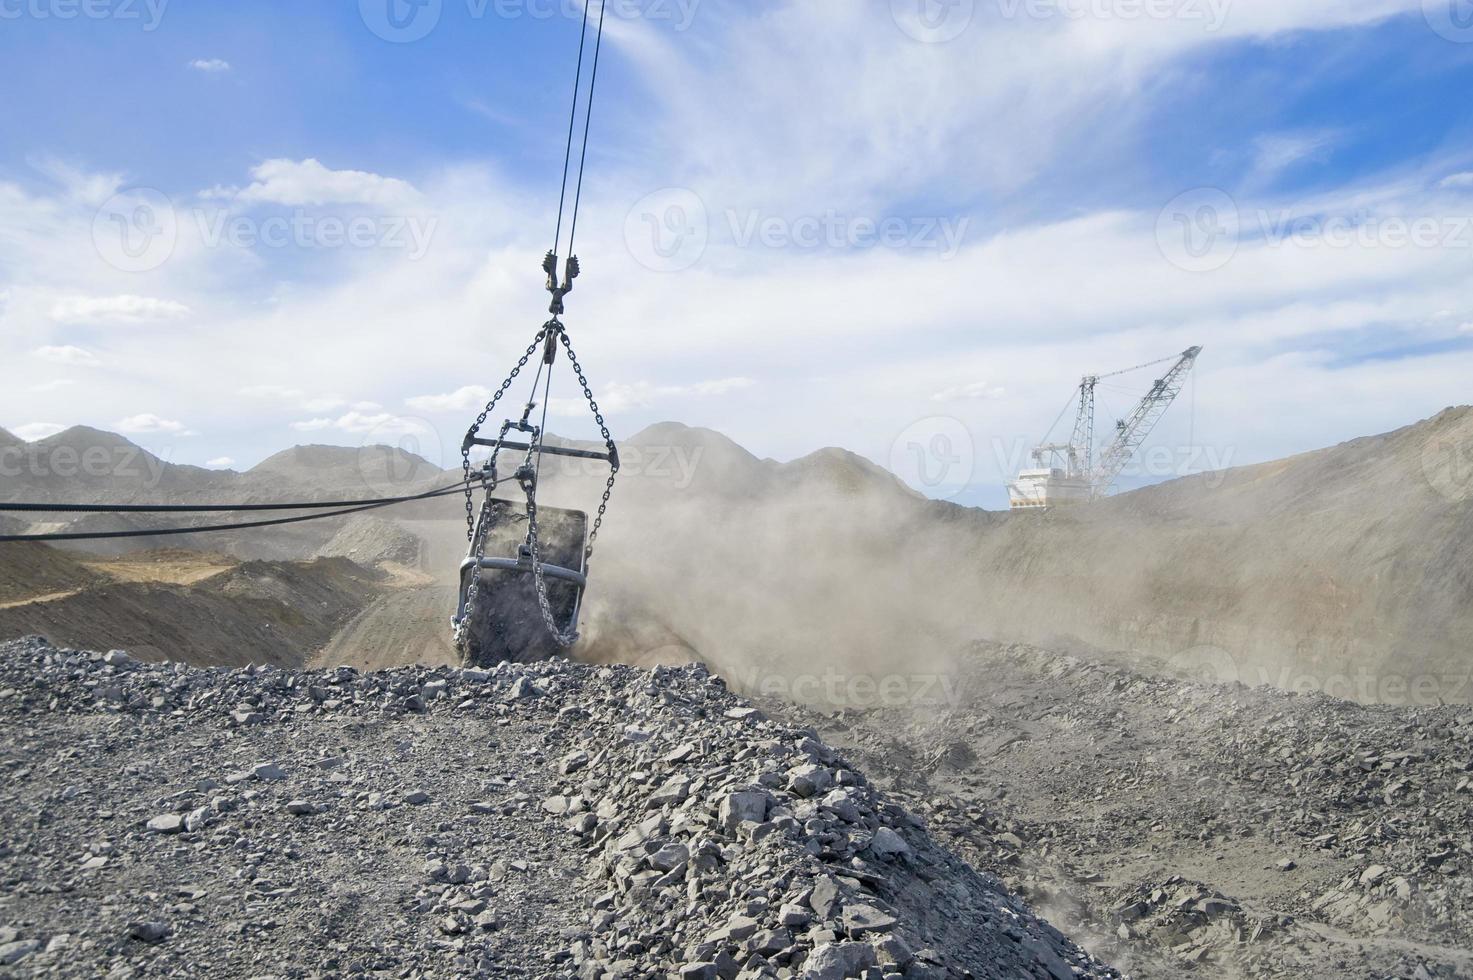 draga y minería mineros foto